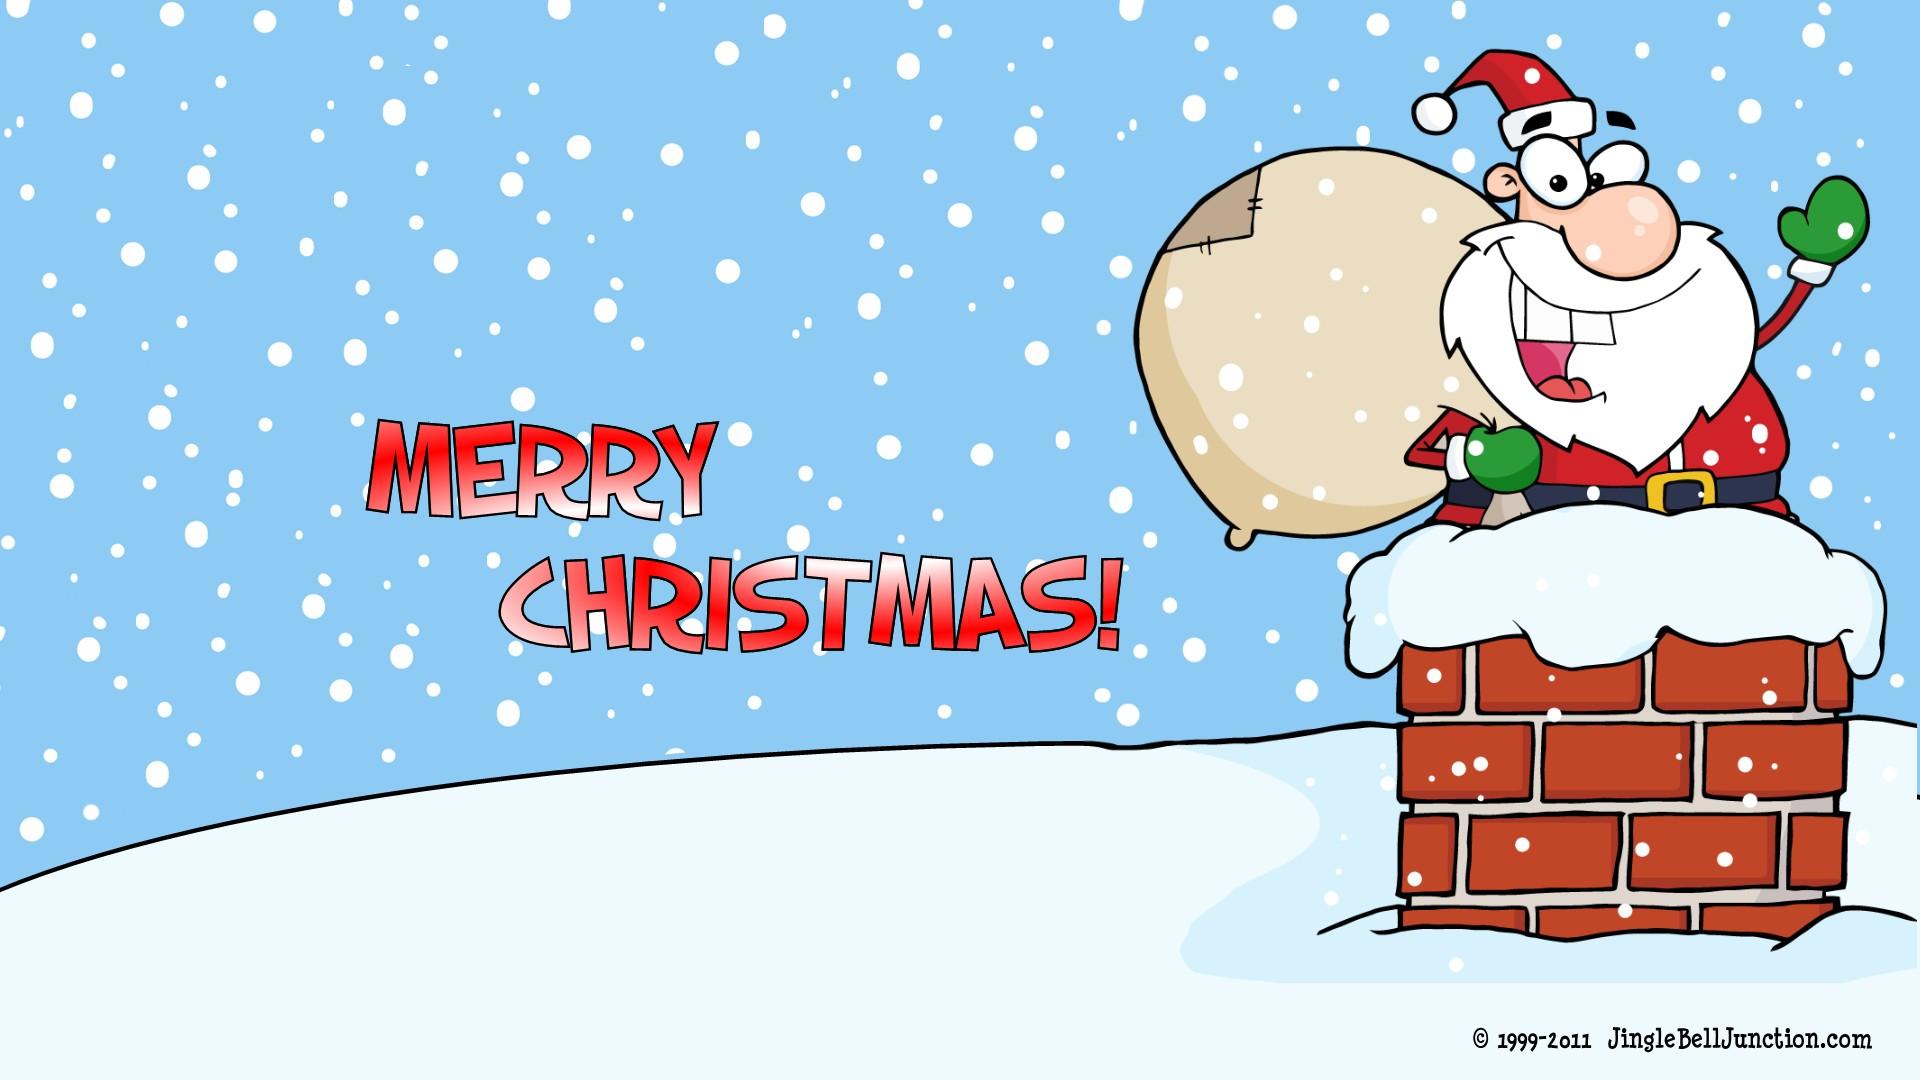 Funny Christmas Wallpaper.Christmas Desktop Wallpaper Jinglebell Junction